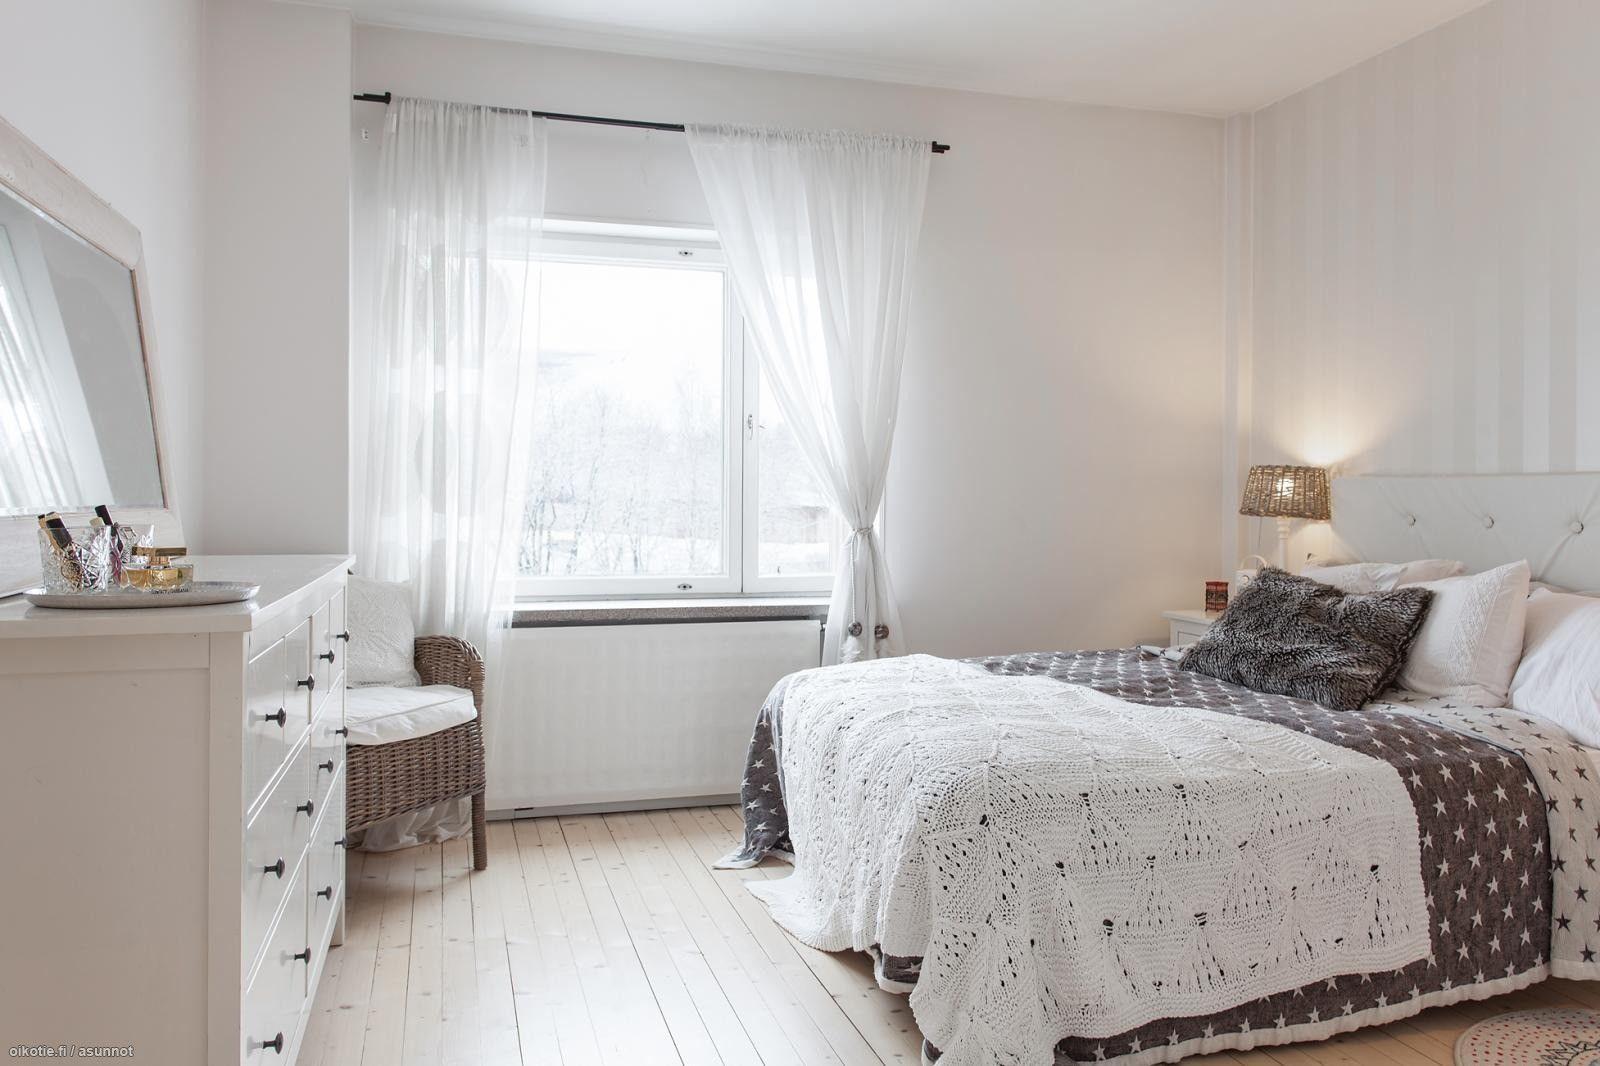 Maalaisromantiikkaa kaksiossa: makuuhuone - Oikotie Sisustus